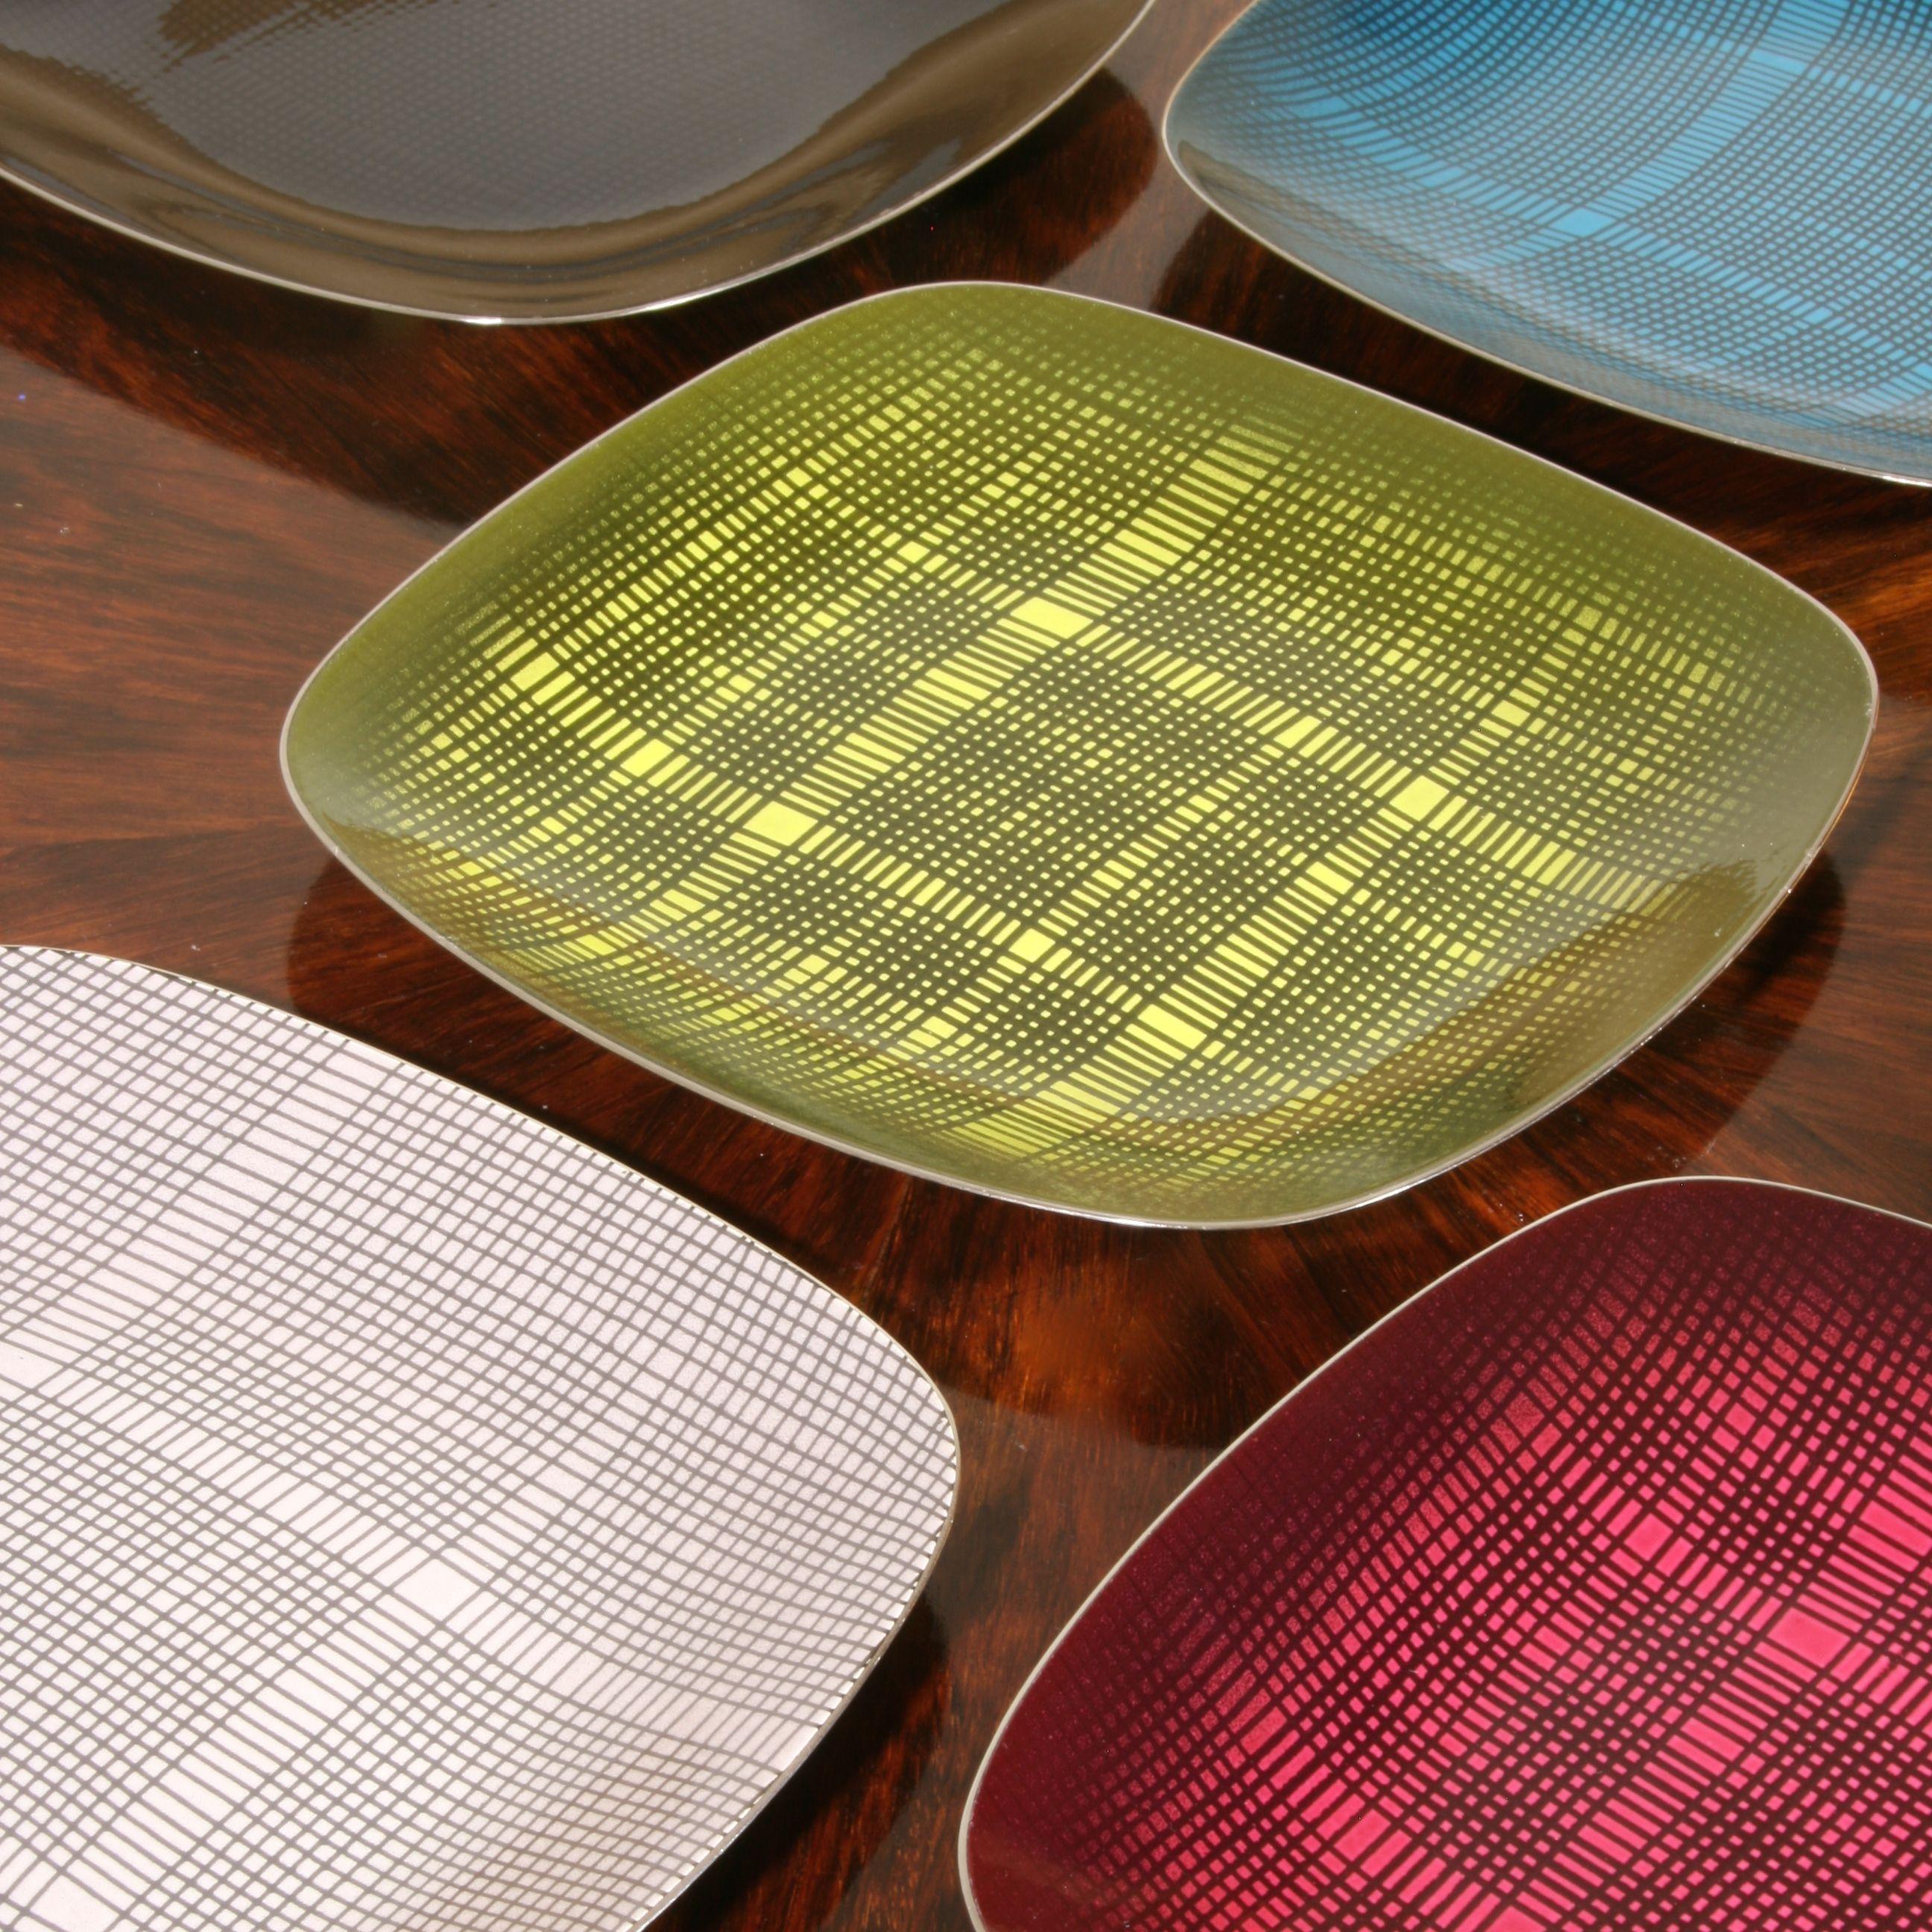 Enamelled plates designed by Grete Prytz Kittelsen for Cathrinehholm, Norway